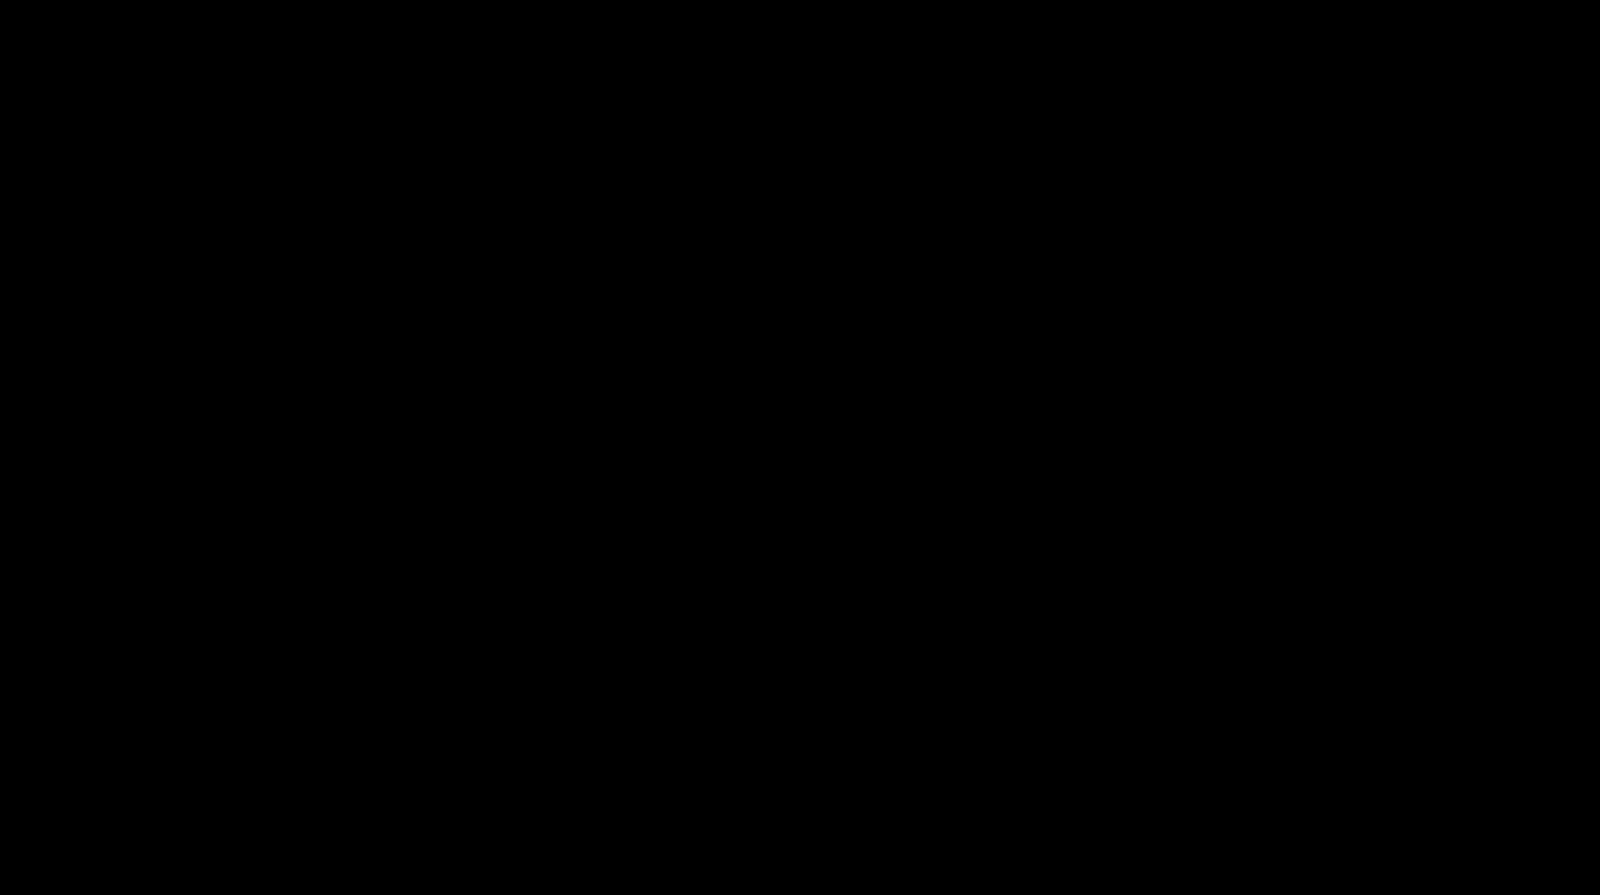 Wifi Logo Vector